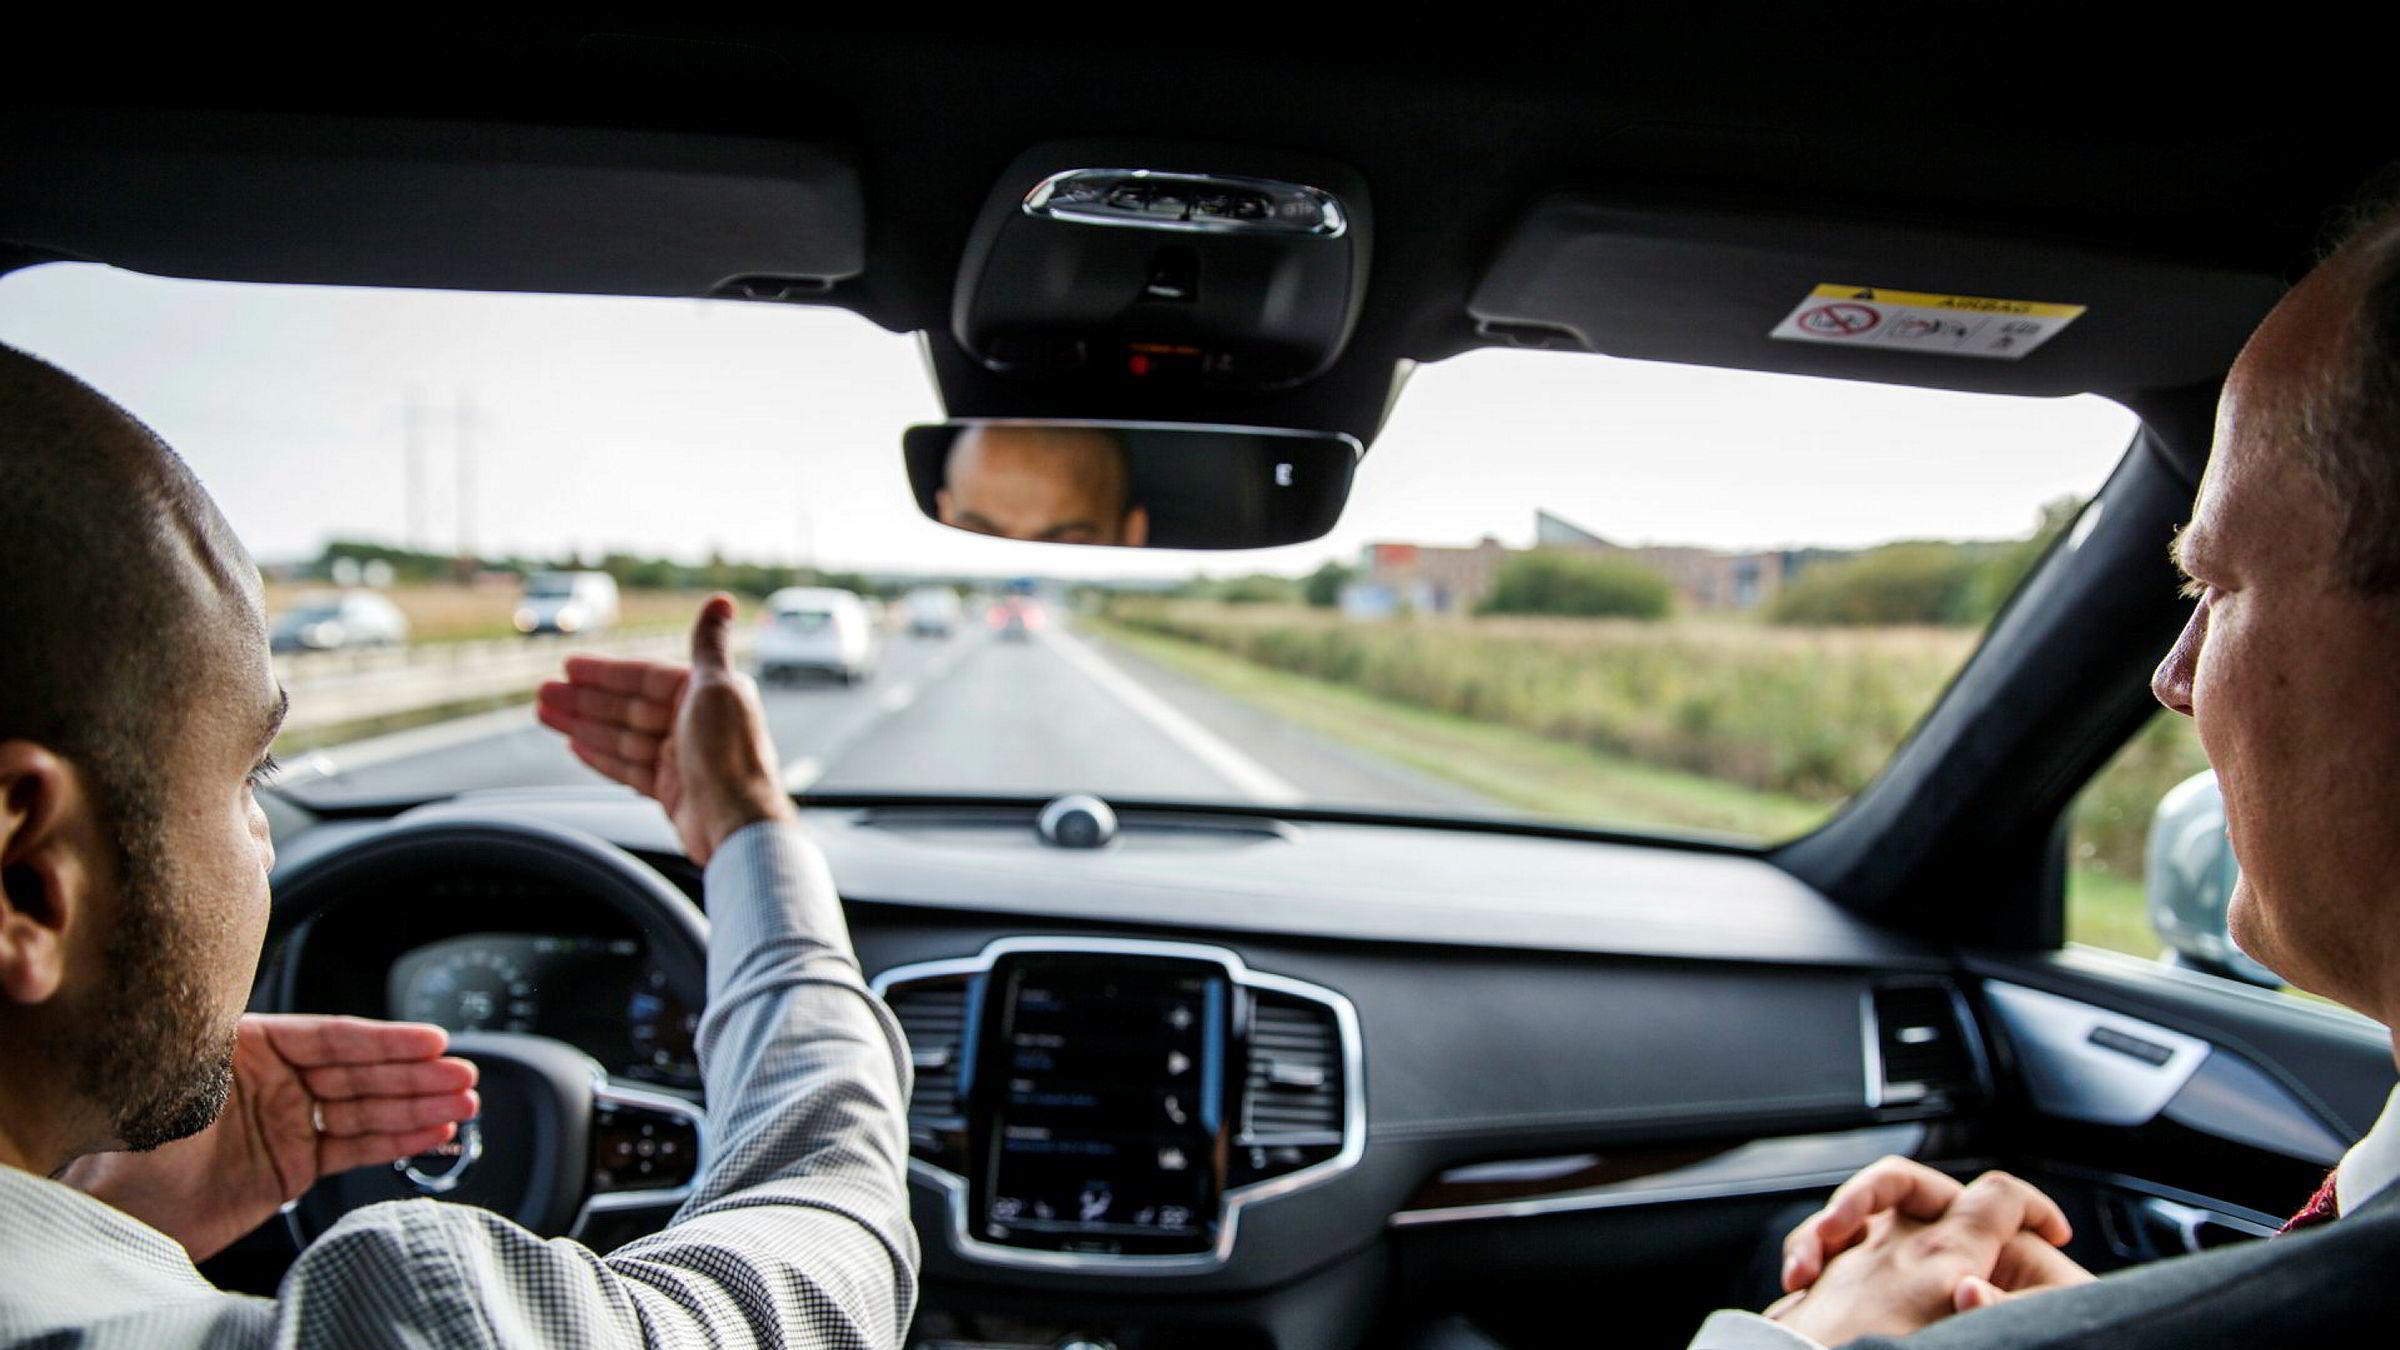 Vi bruker øyekontakt og vår evne til å forstå situasjonen til å gjøre det rette. Den muligheten har ikke den selvkjørende bilen, skriver forfatteren. Her fra Volvo XC90, en selvkjørende bil på ringveien i Göteborg, Sverige.